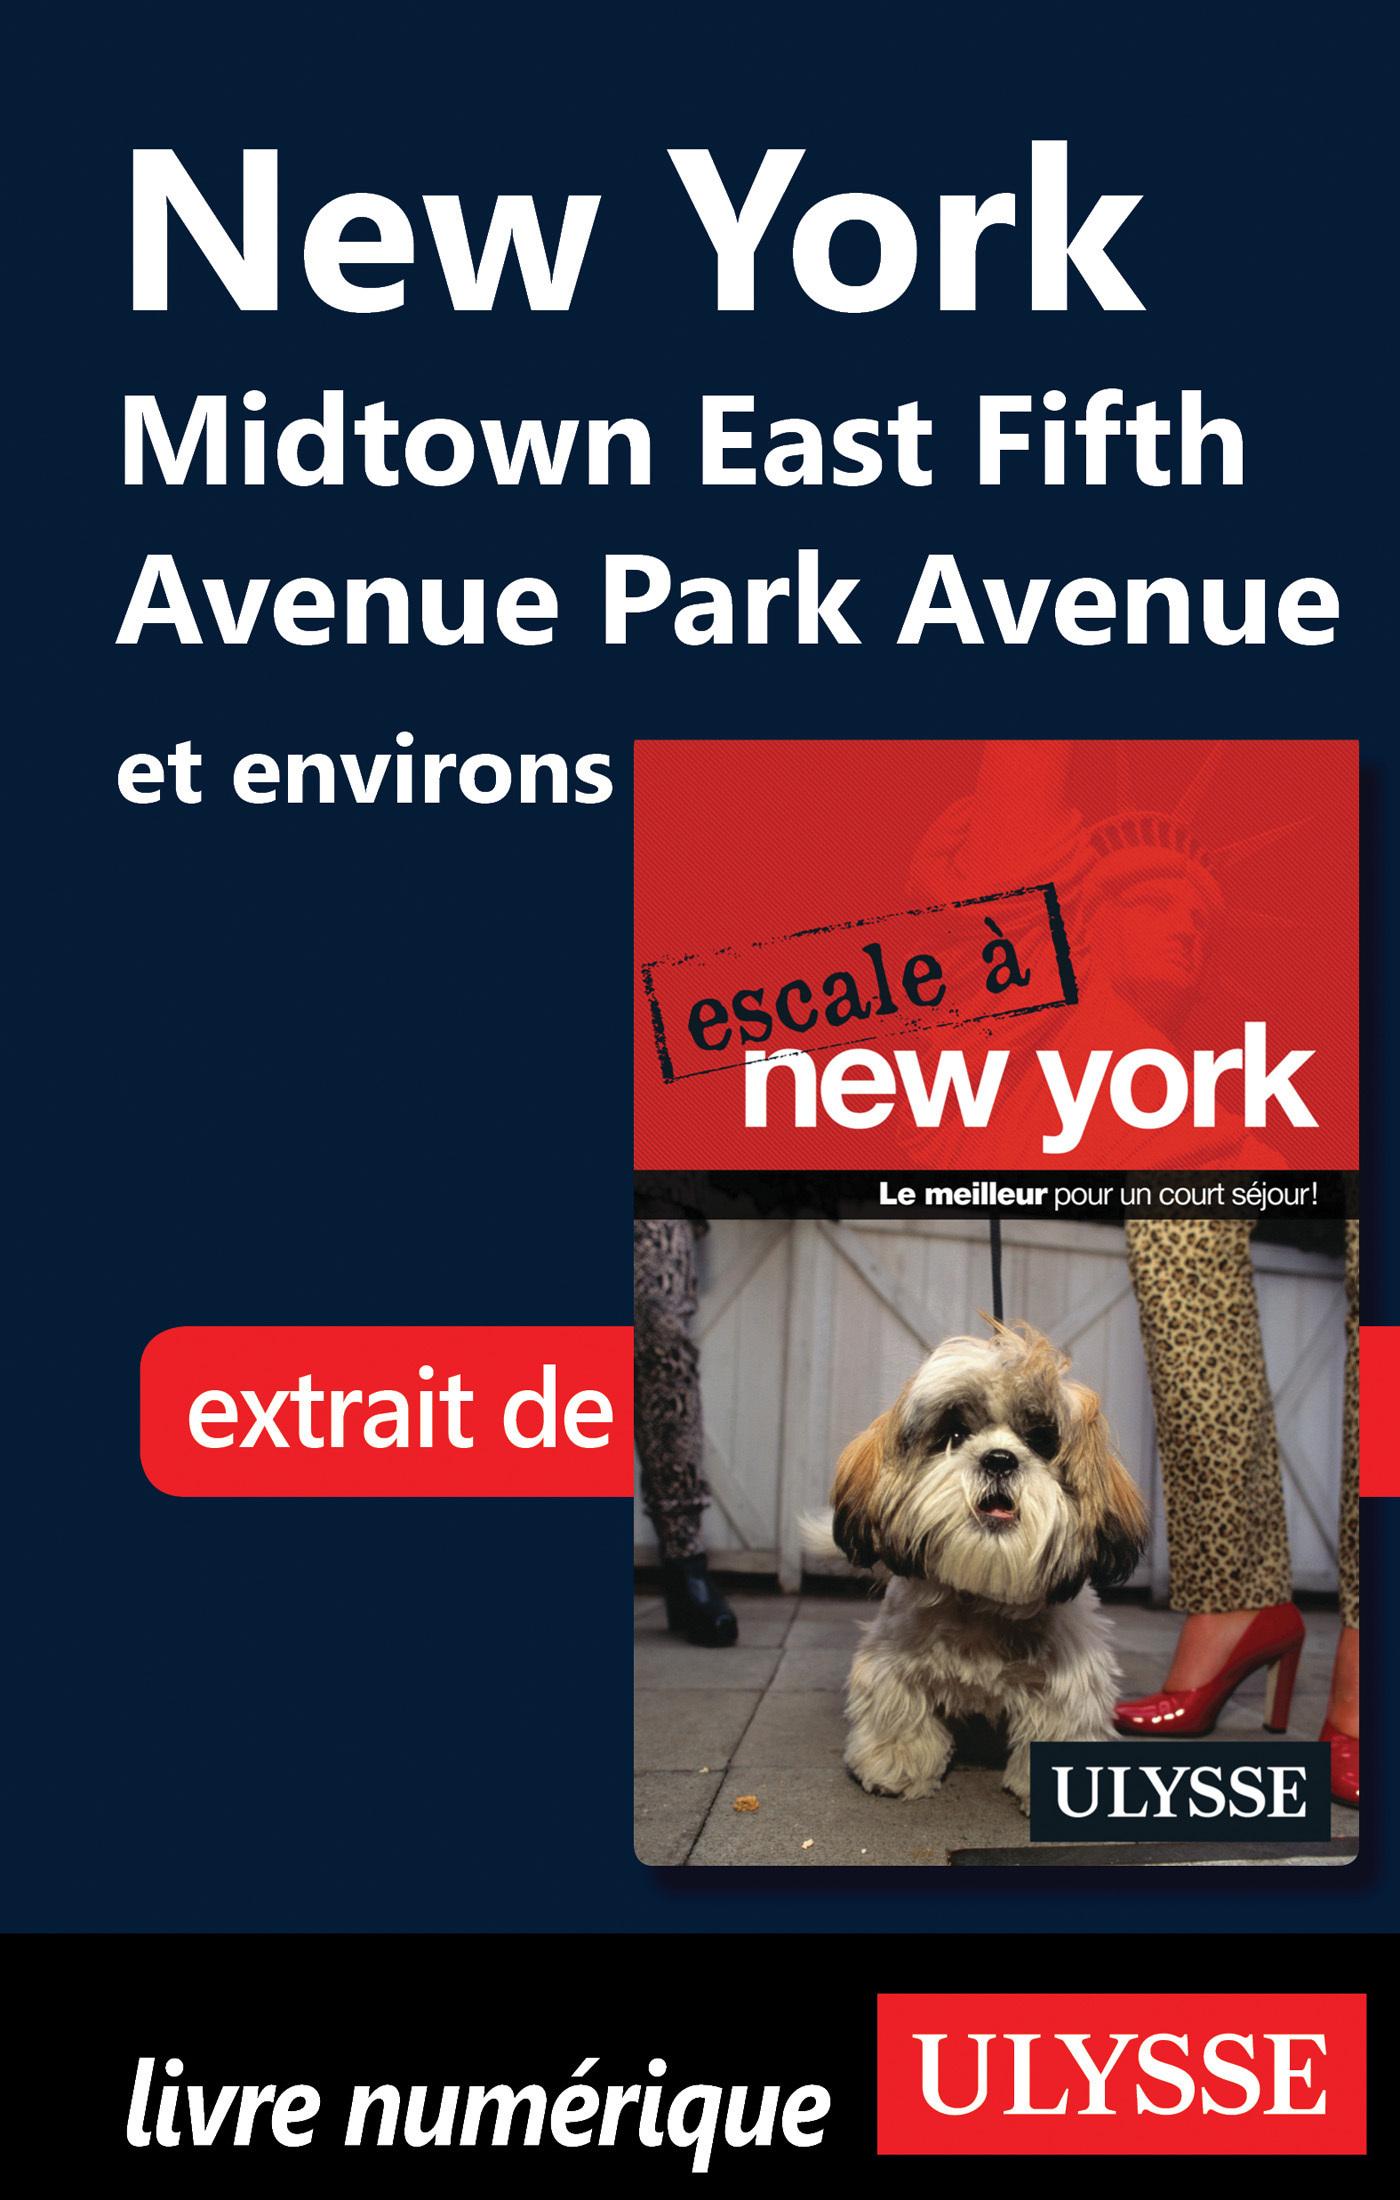 New York : Midtown East Fifth Avenue Park Avenue et environs